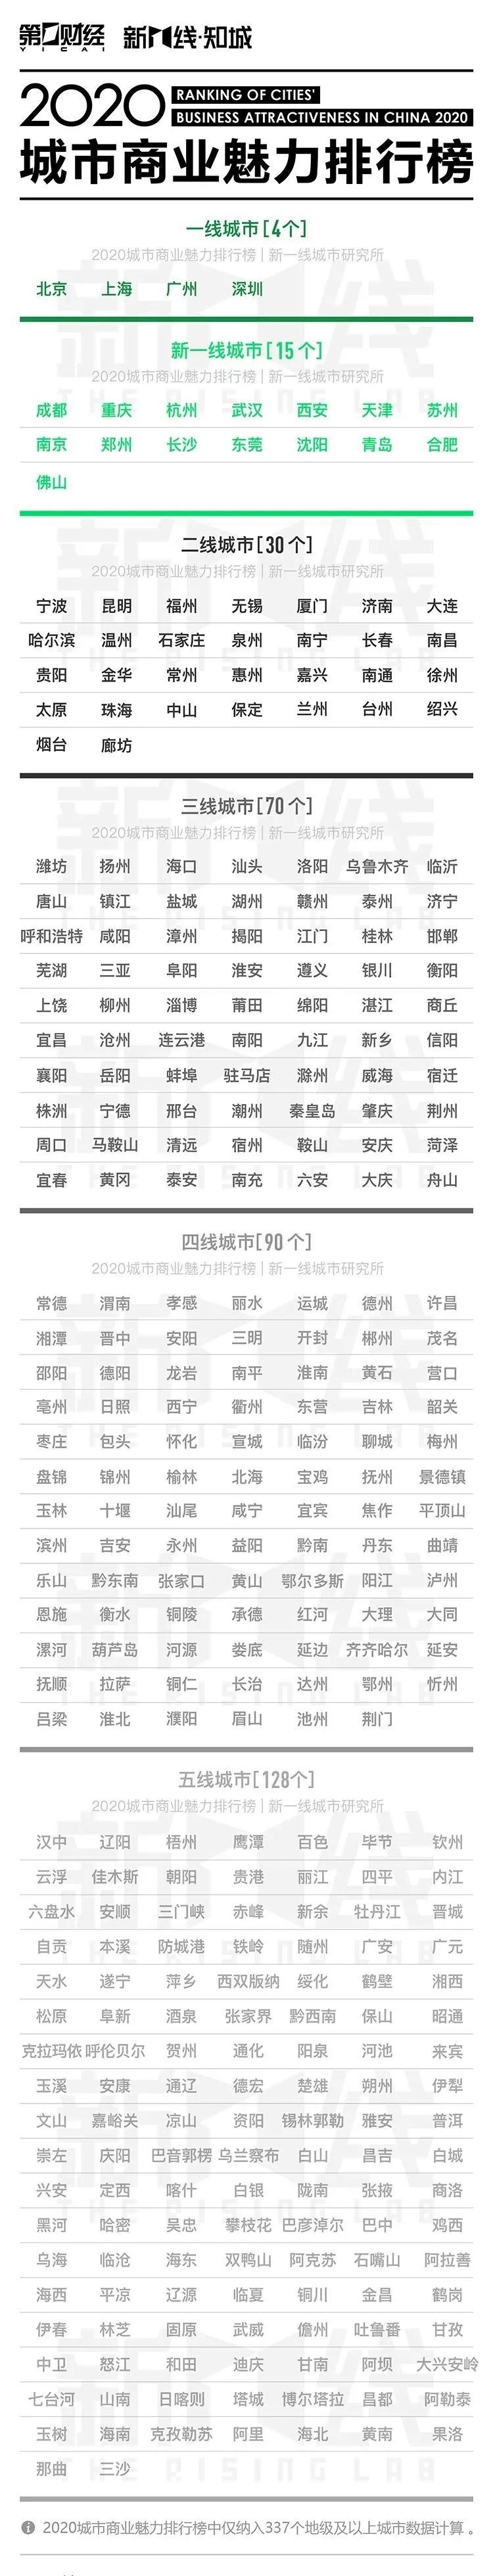 宁波未杏悦登录进入新一线城市榜单,杏悦登录图片